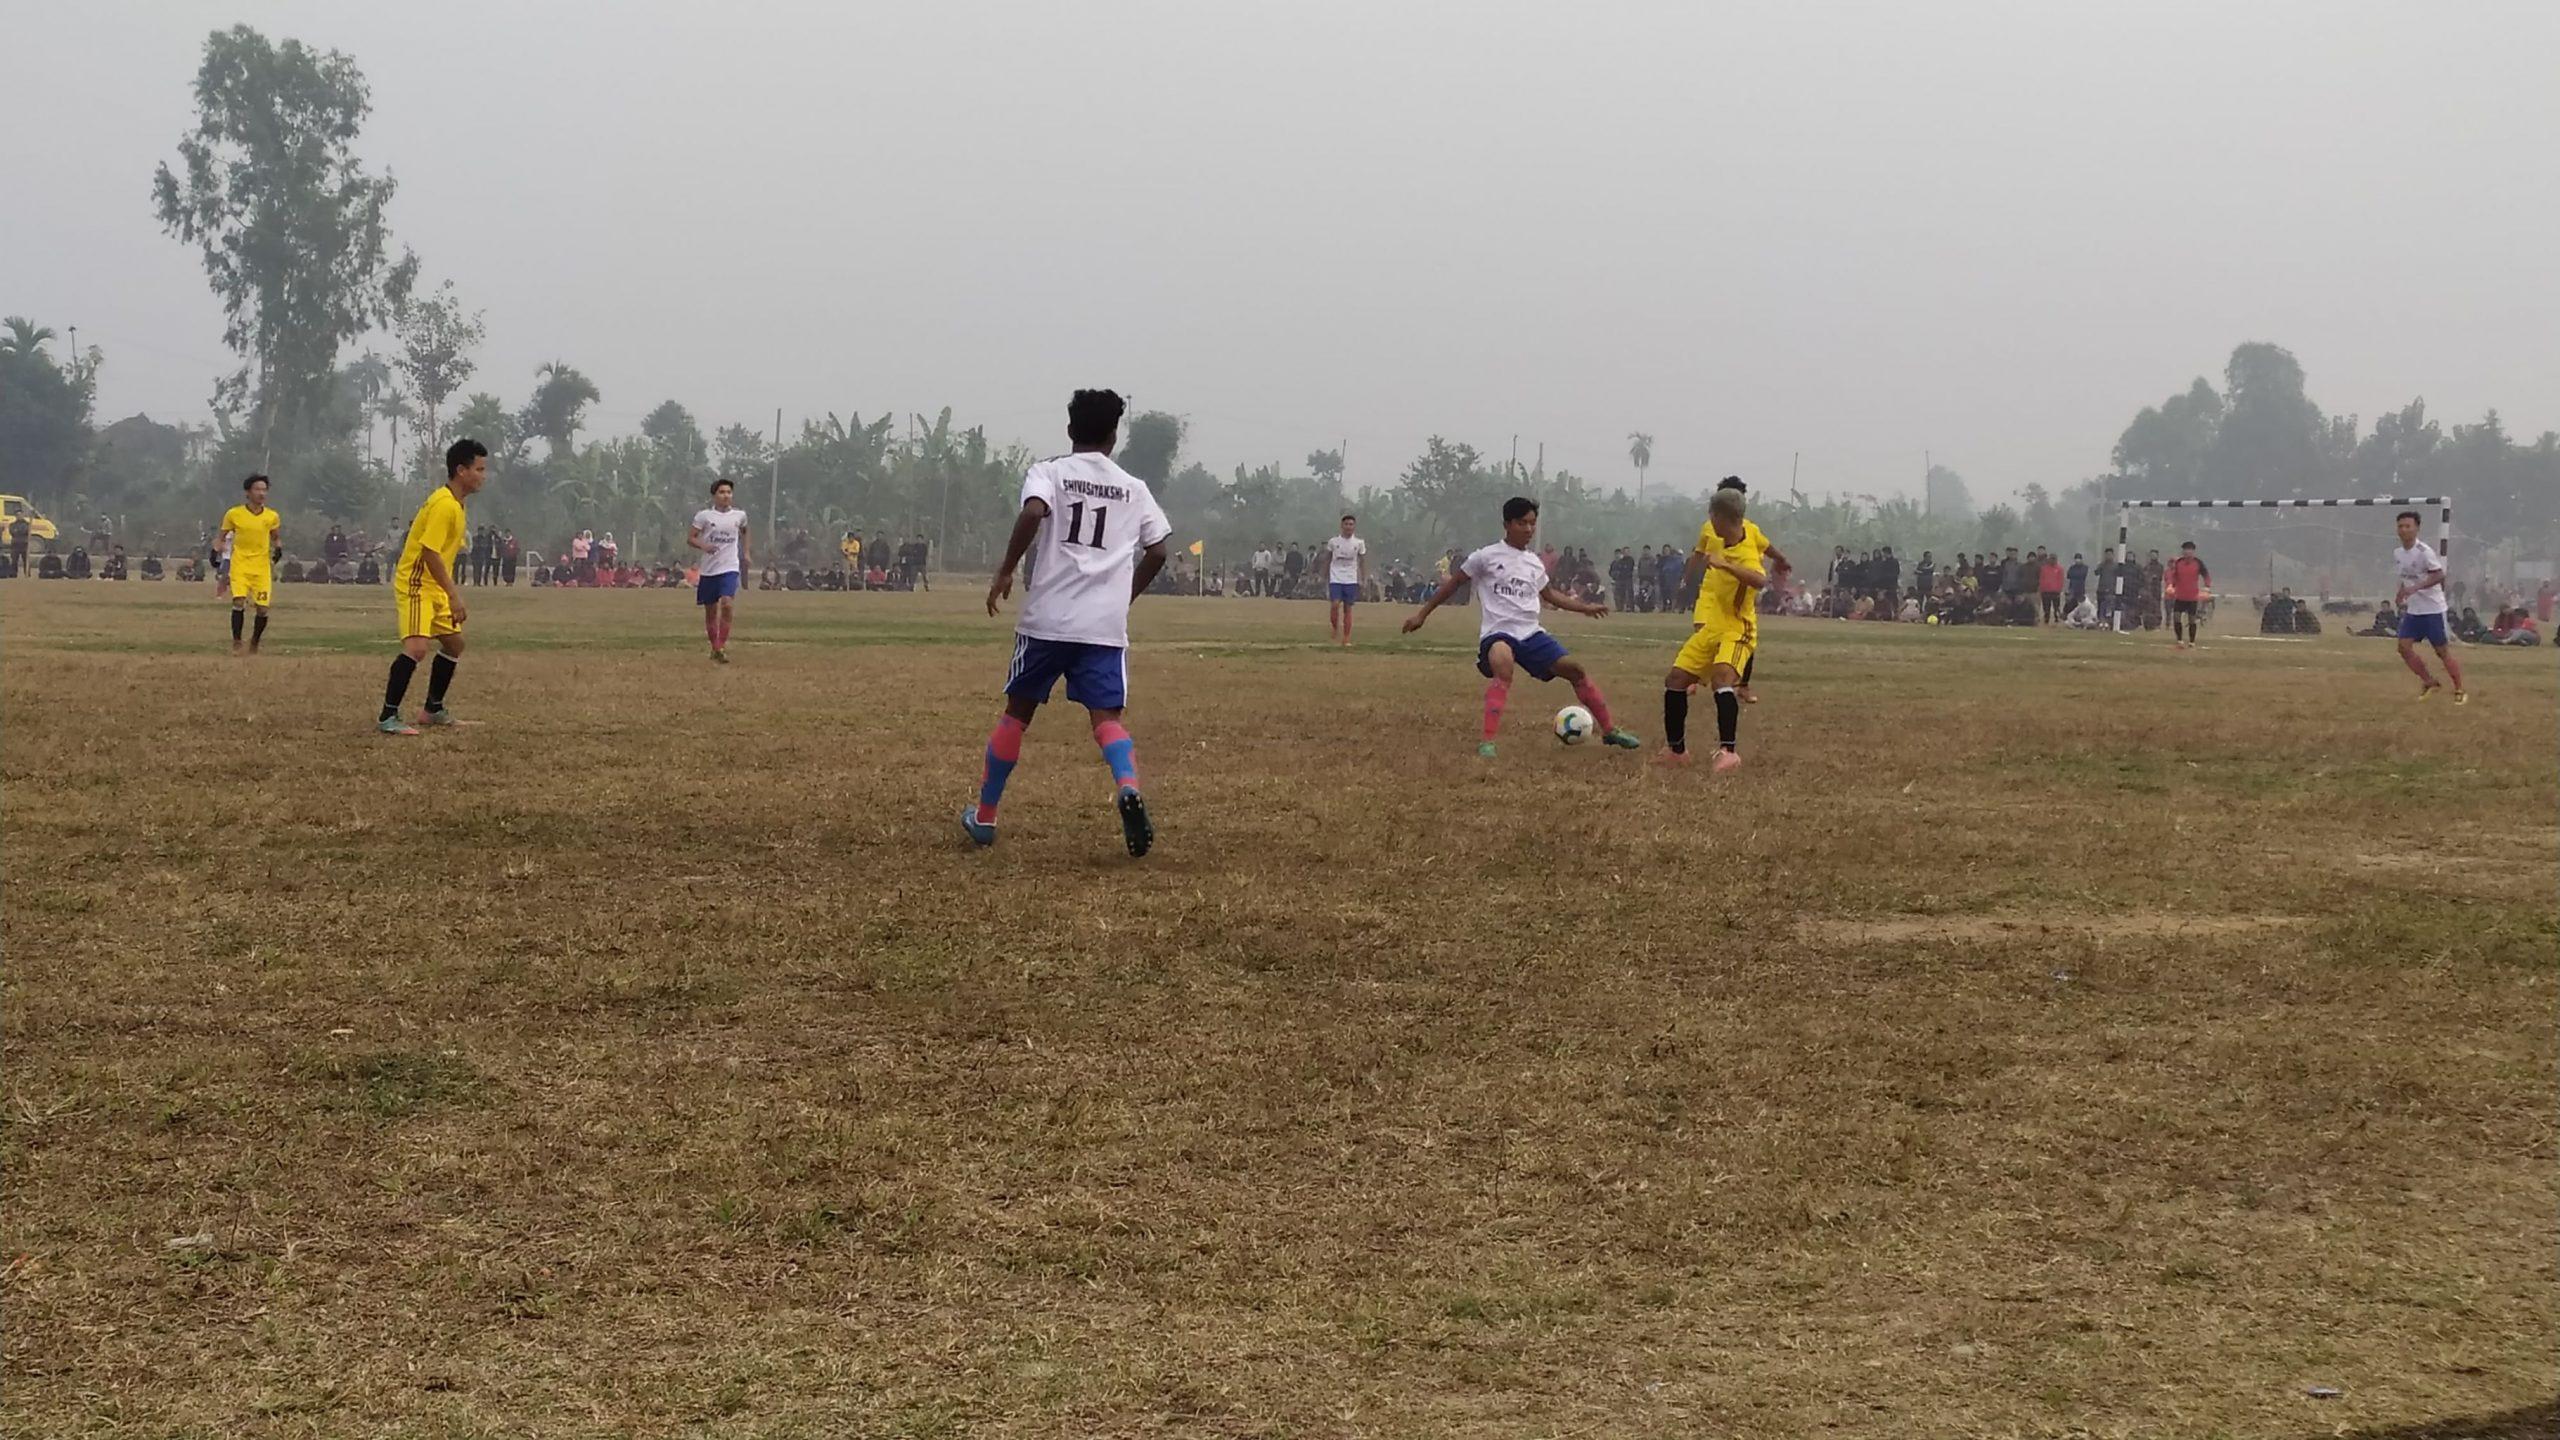 शरणार्थी शिविरमा अन्तराष्ट्रिय आमन्त्रित फुटबल प्रतियोगिता सुरु, उद्घाटन खेलमा दुधे फुटबल क्लब बिजयी